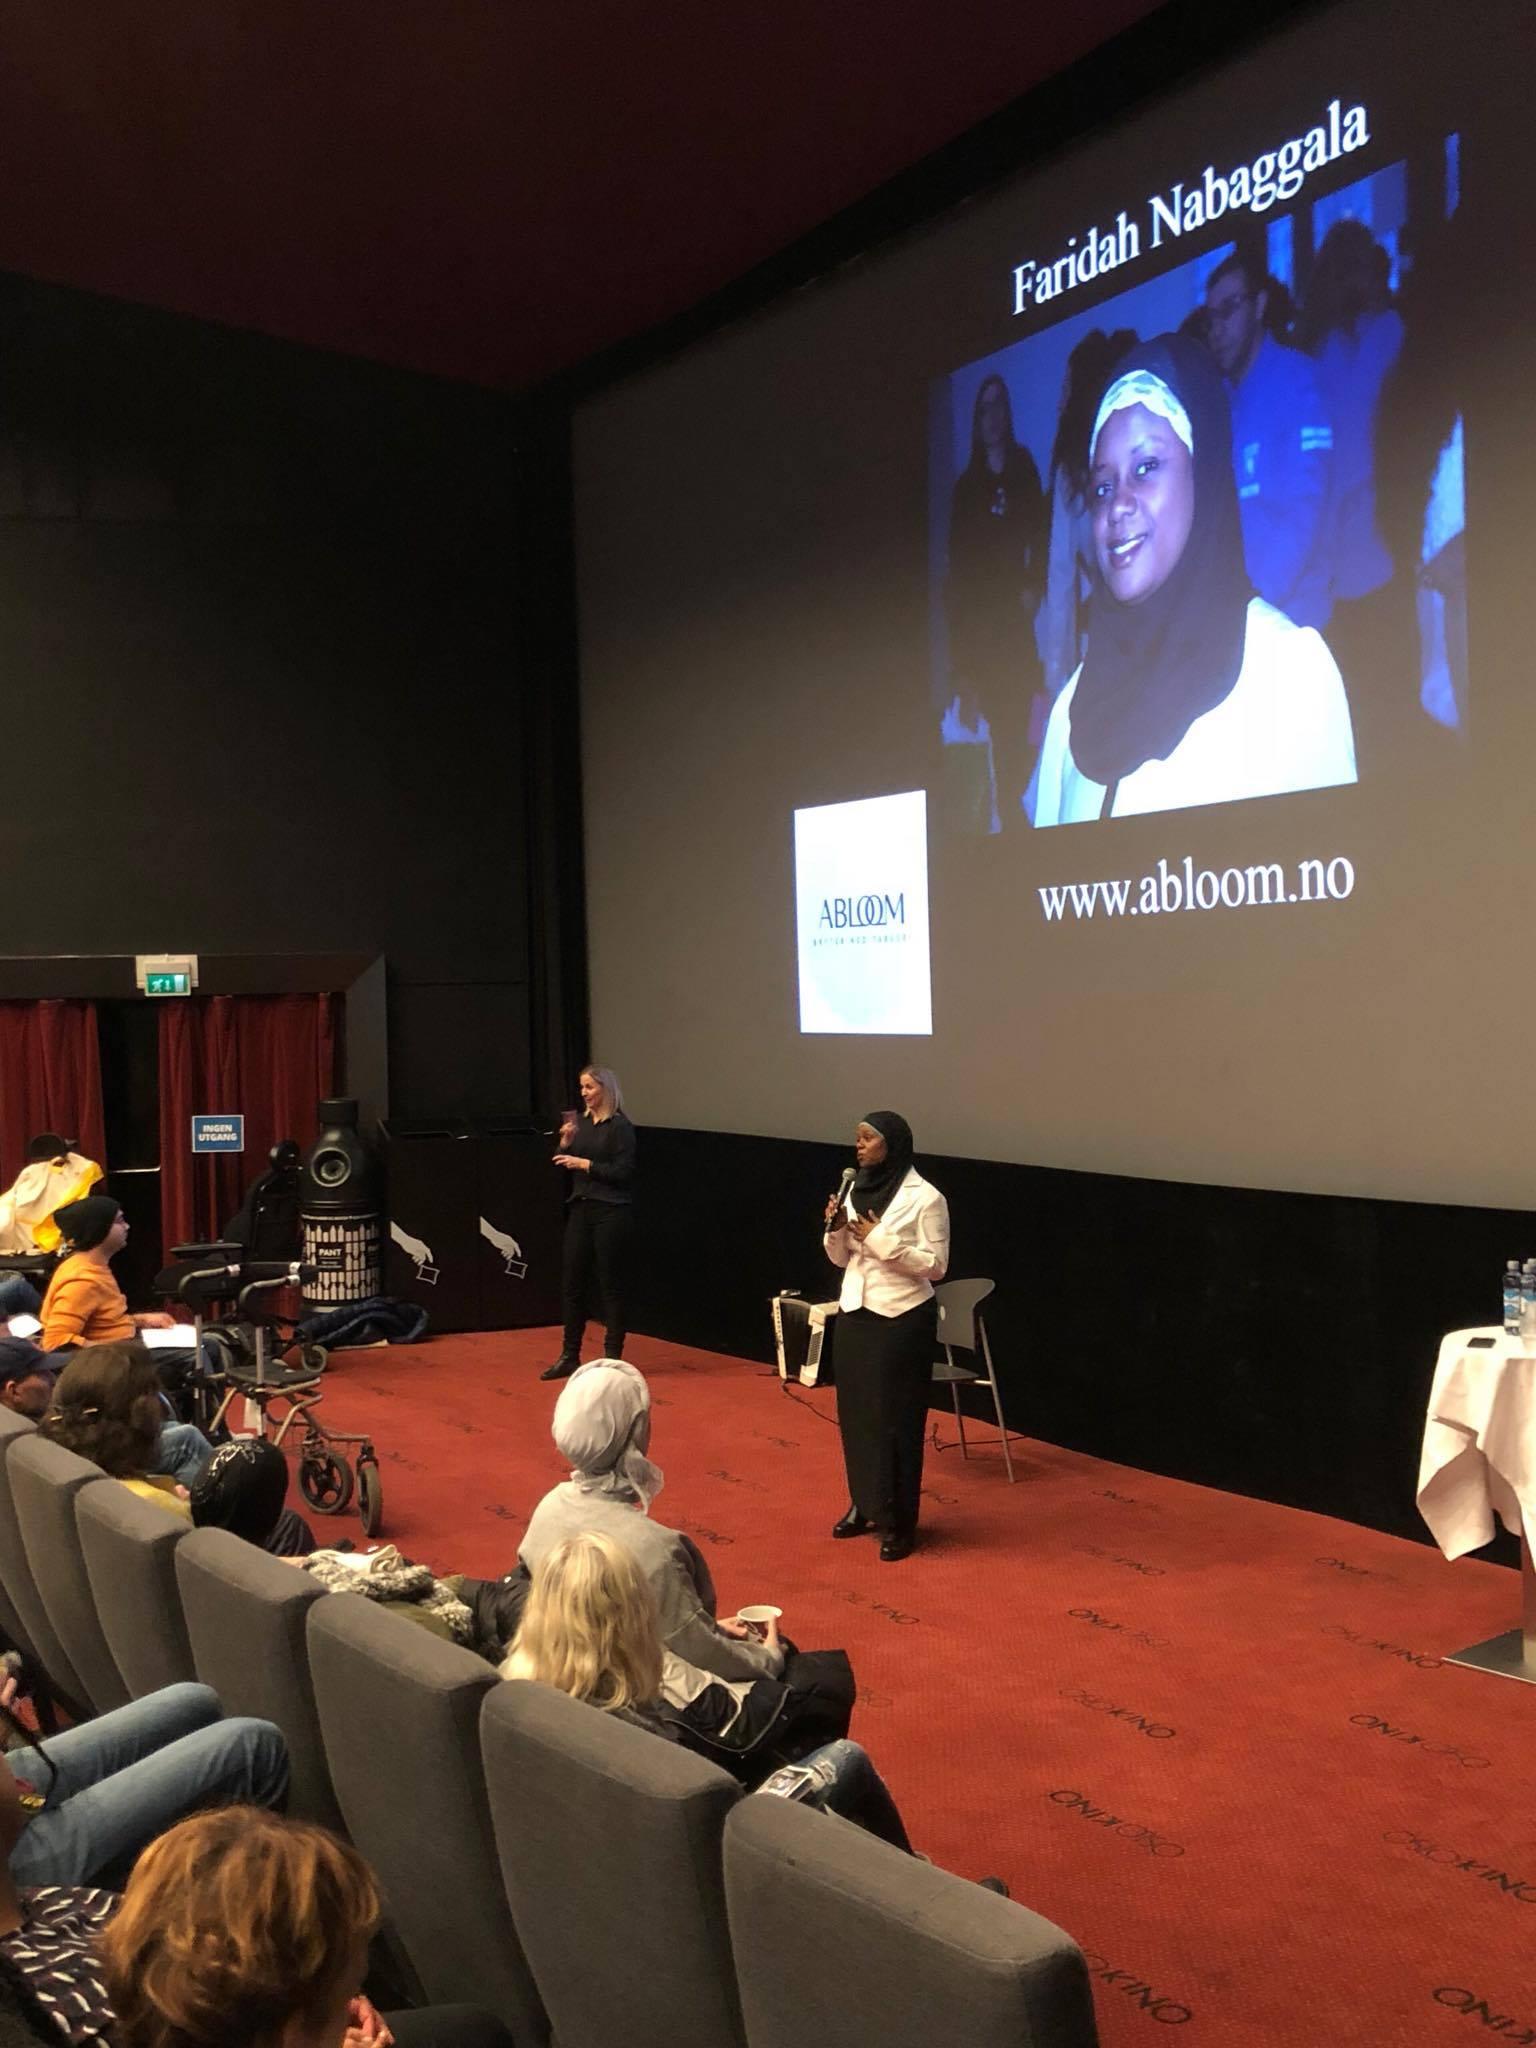 Fortalte Ablooms historie: Faridah Nabaggala inspirerte publikum når hun fortalte om historien bak Ablooms fødsel.